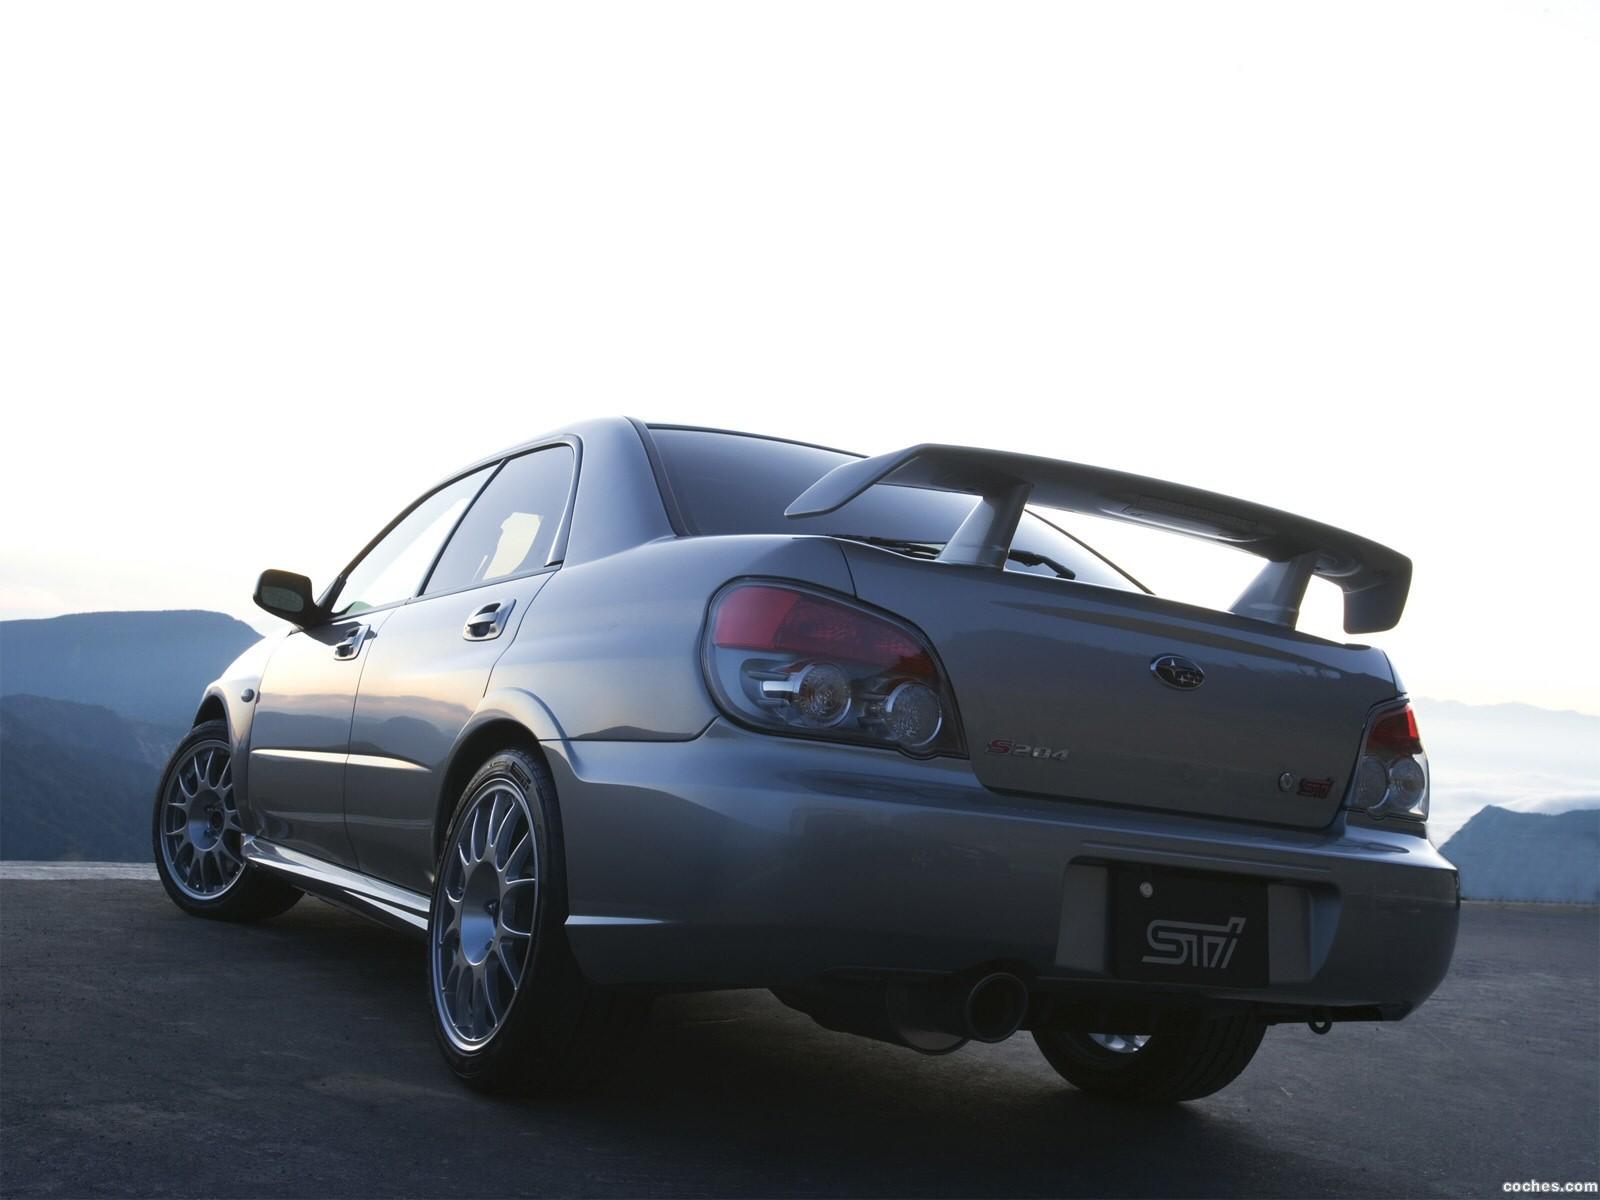 Foto 1 de Subaru Impreza STi S204 2006